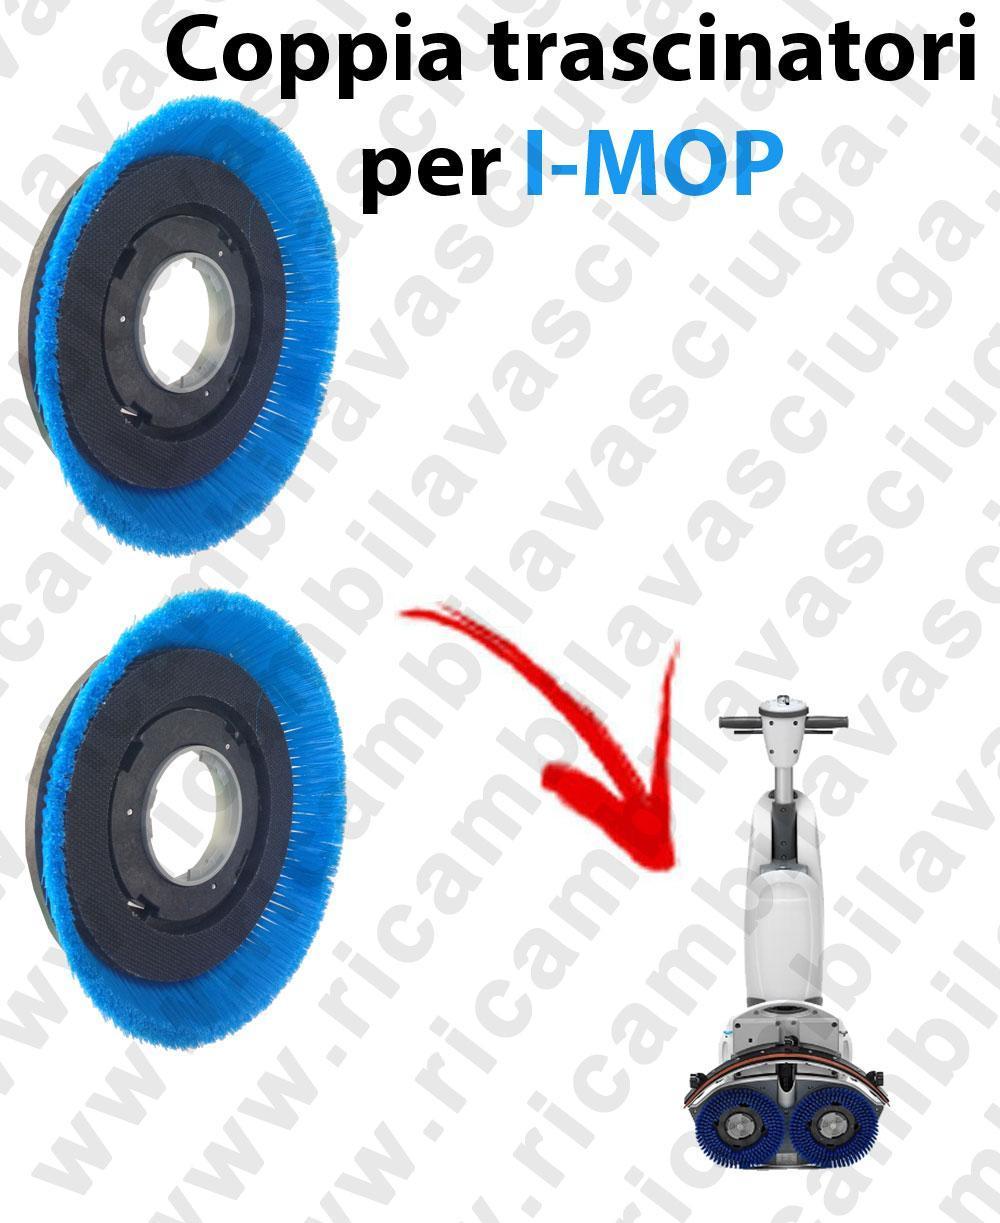 COPPIA TASCINATORI  for scrubber dryer I-MOP